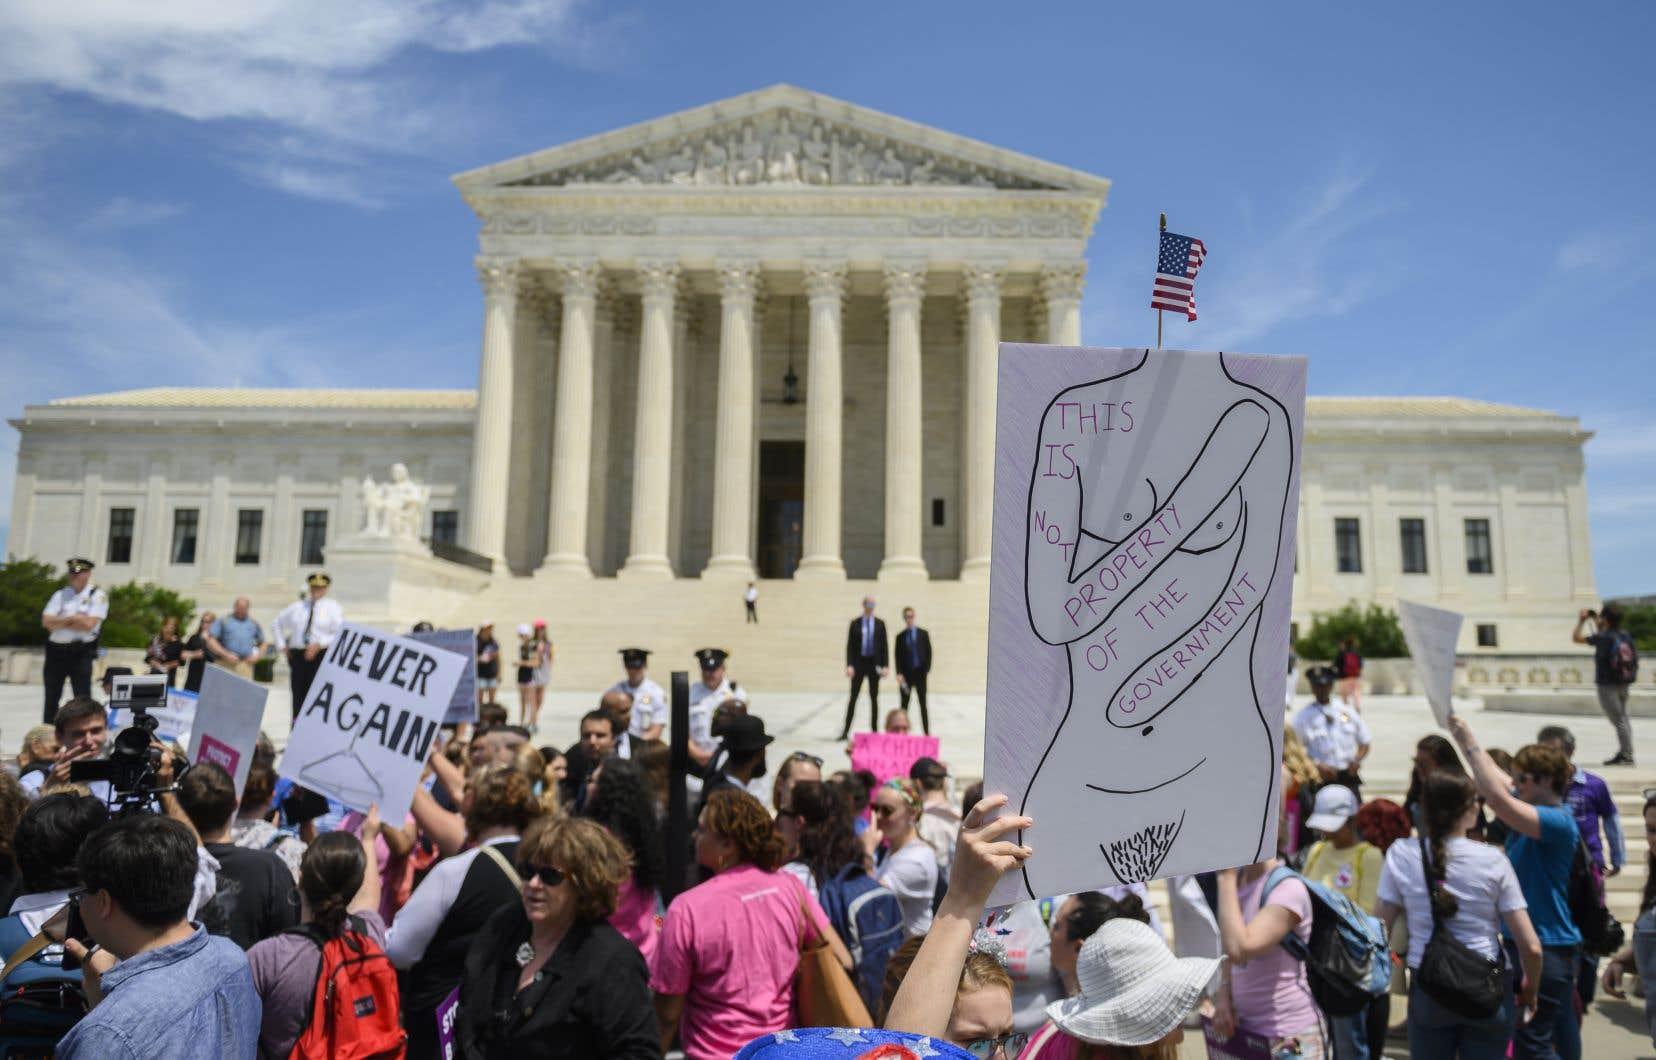 Les neuf juges de la Cour suprême américaine vont examiner sur le fond une loi adoptée en 2014 en Louisiane, dont ils avaient bloqué l'entrée en vigueur <em>in extremis</em> l'hiver dernier.